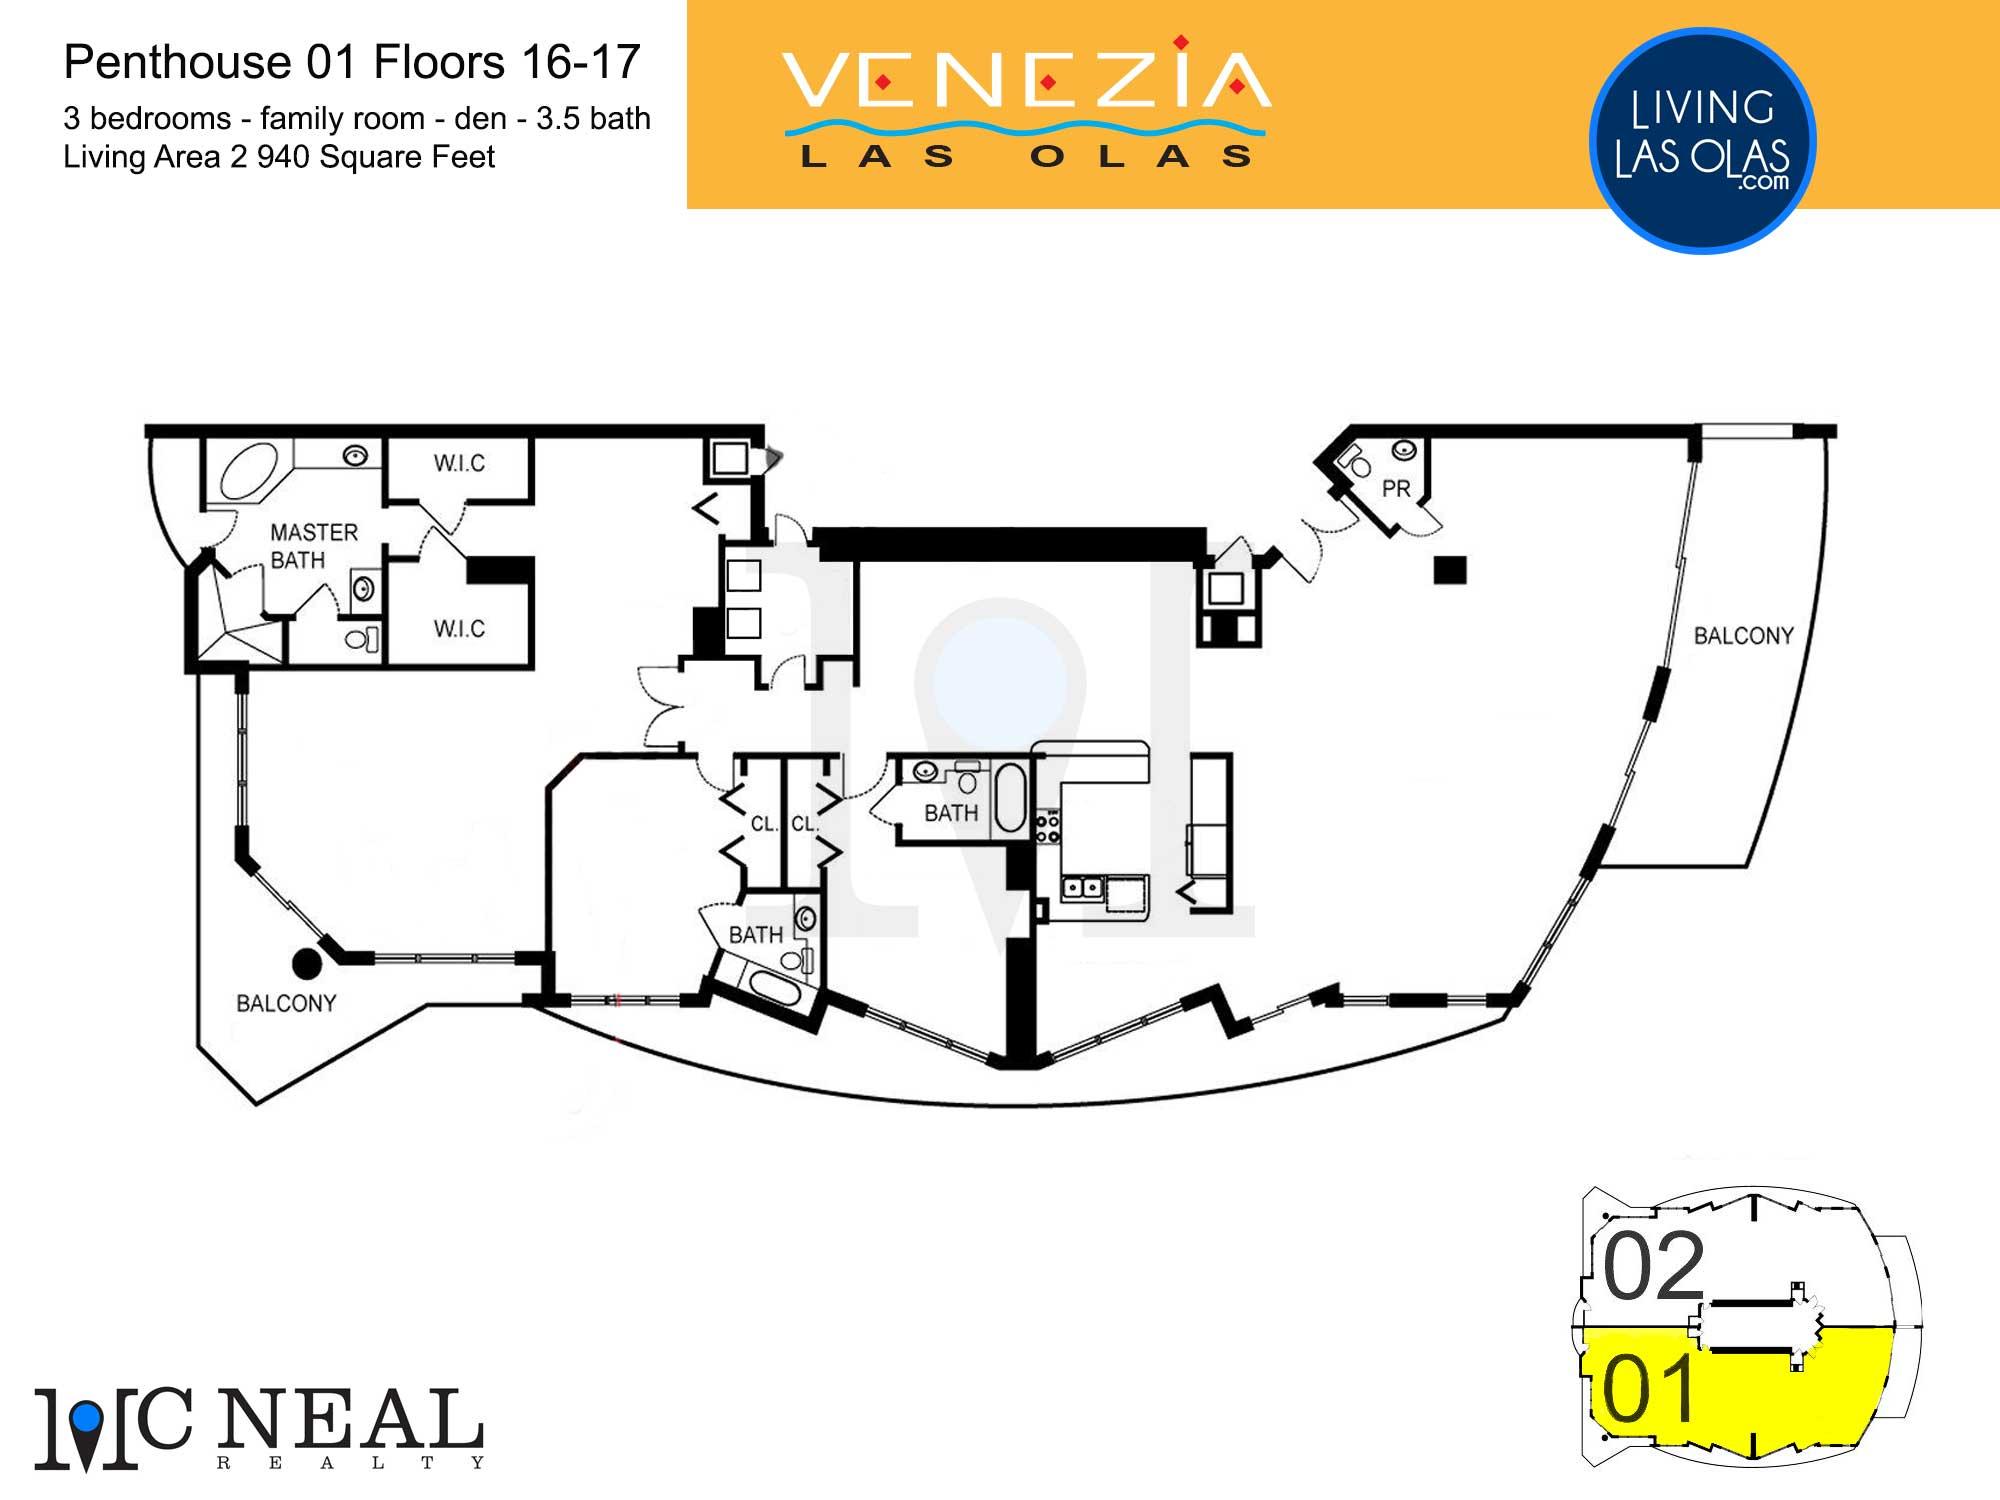 Venezia Las Olas Floor Plans 16-17 Penthouse 1